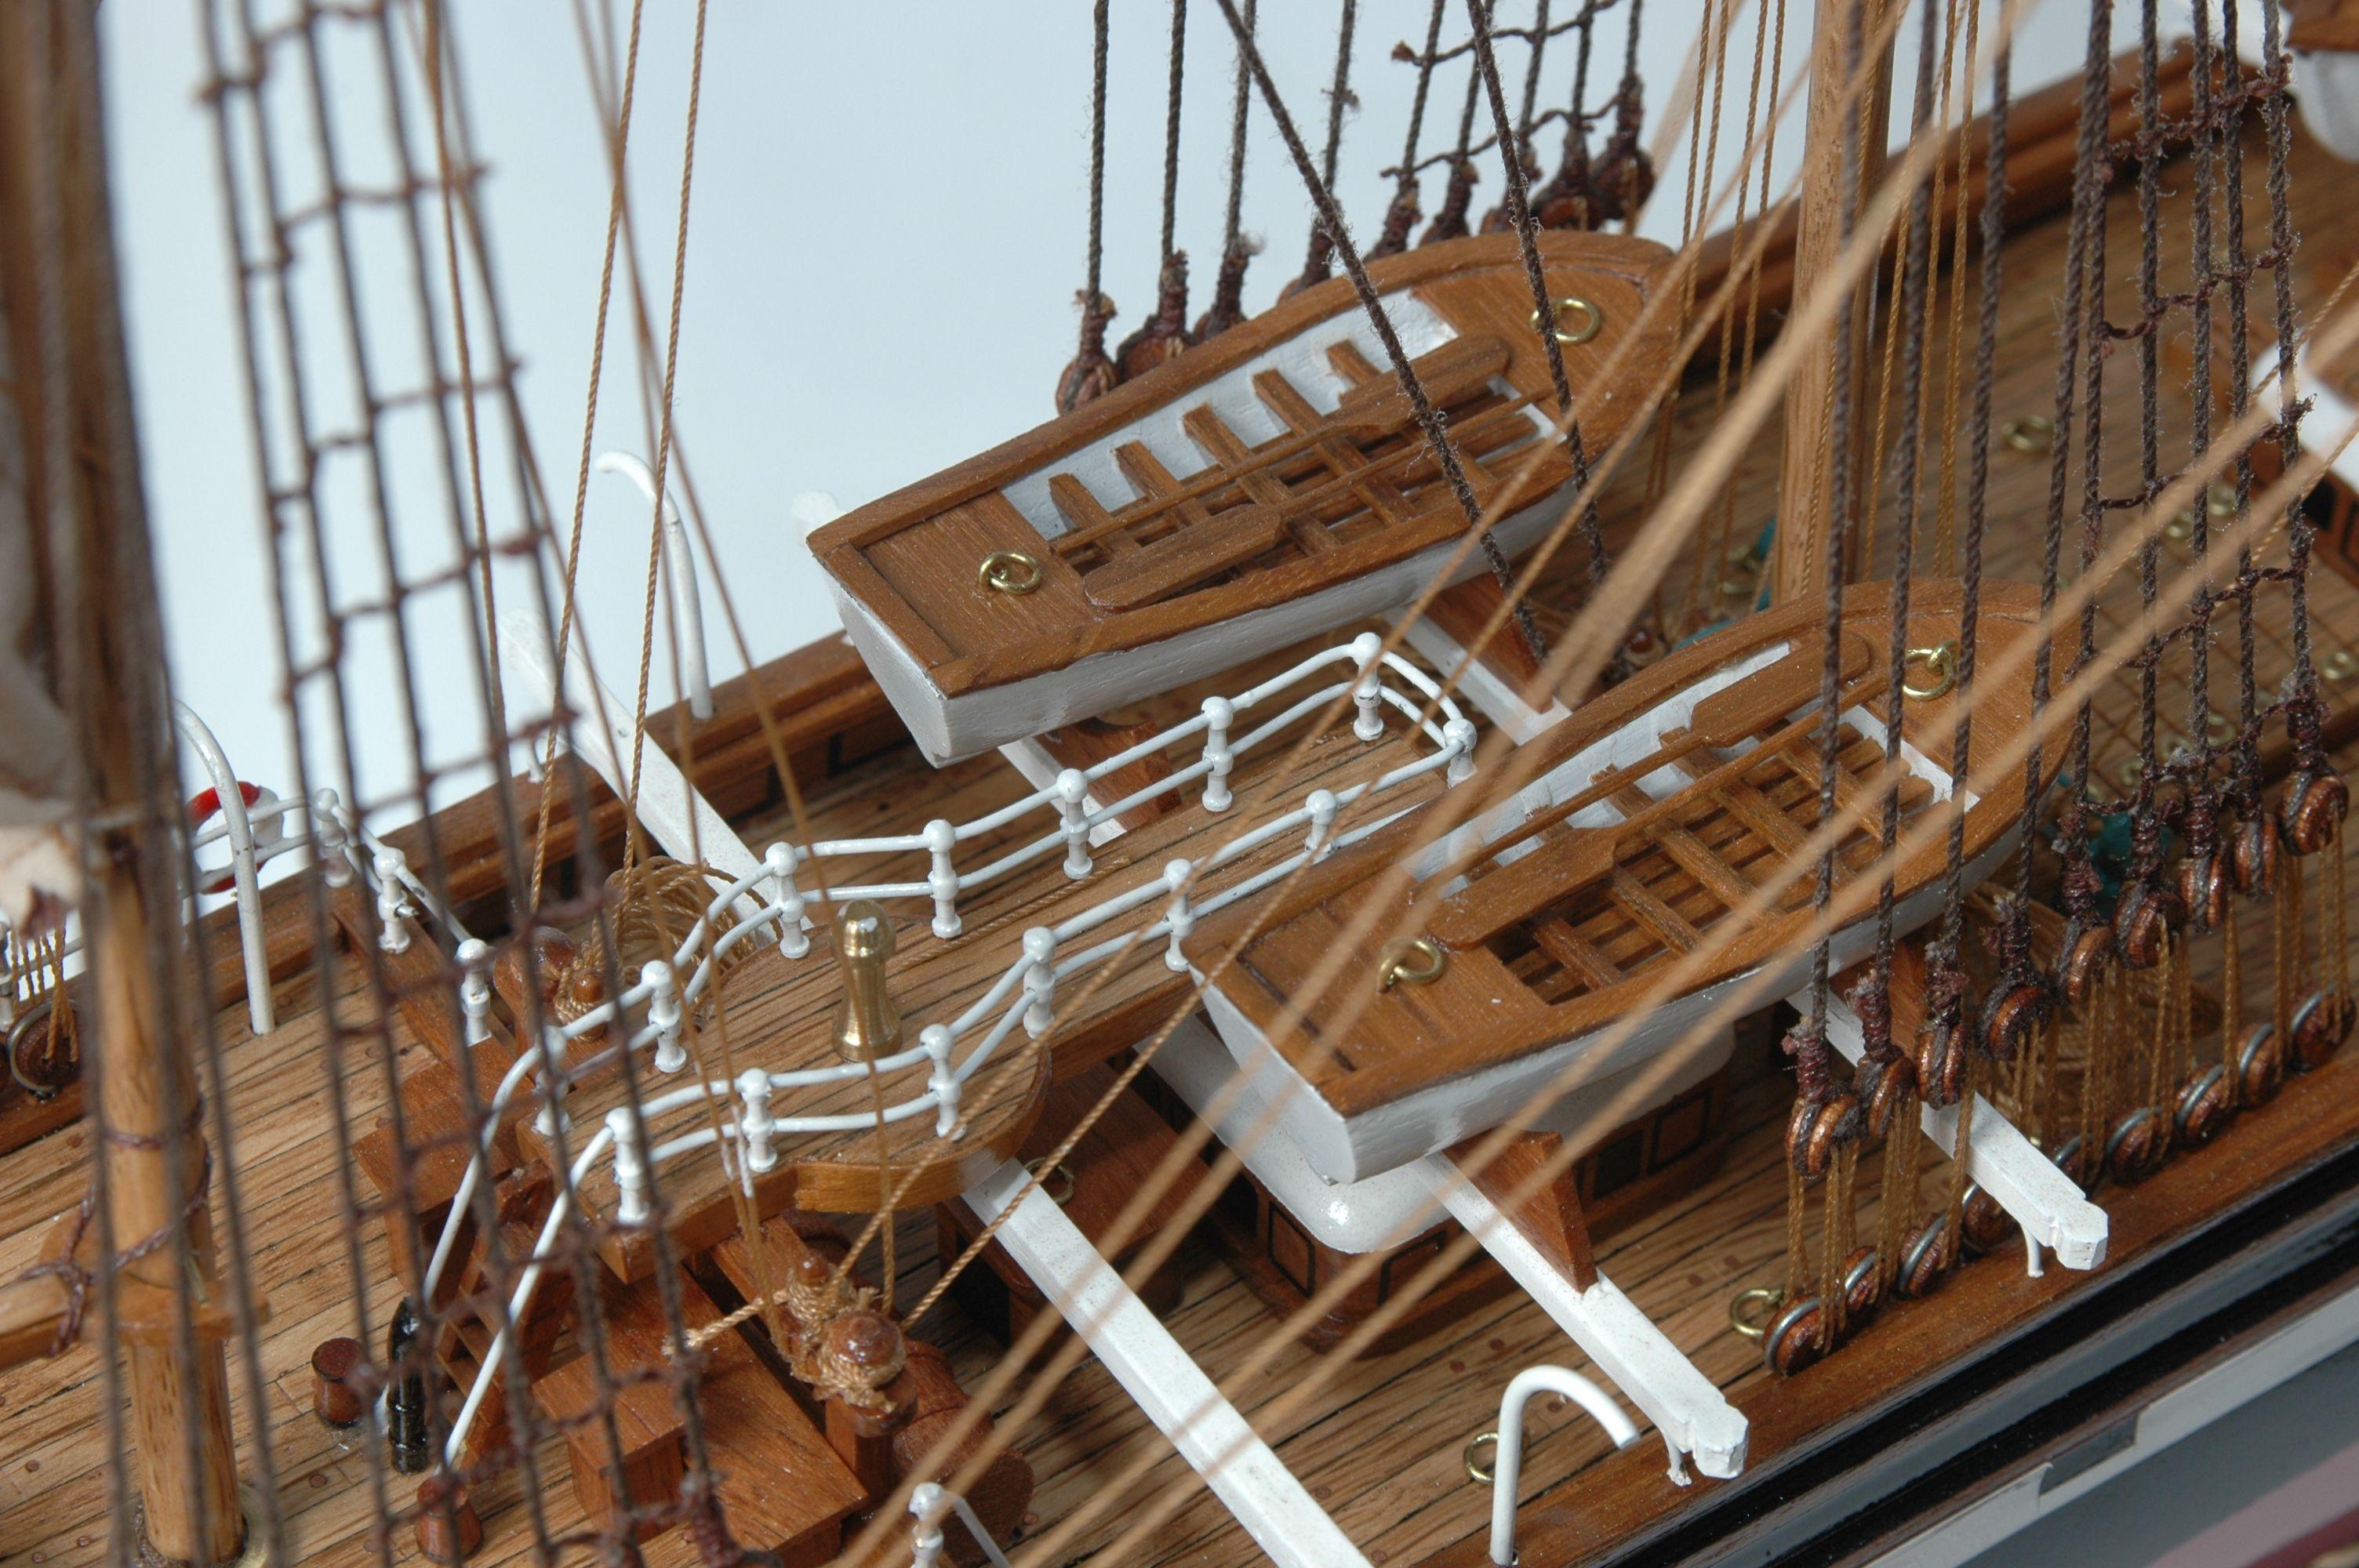 234-8633-Brier-Holme-model-ship-Premier-Range